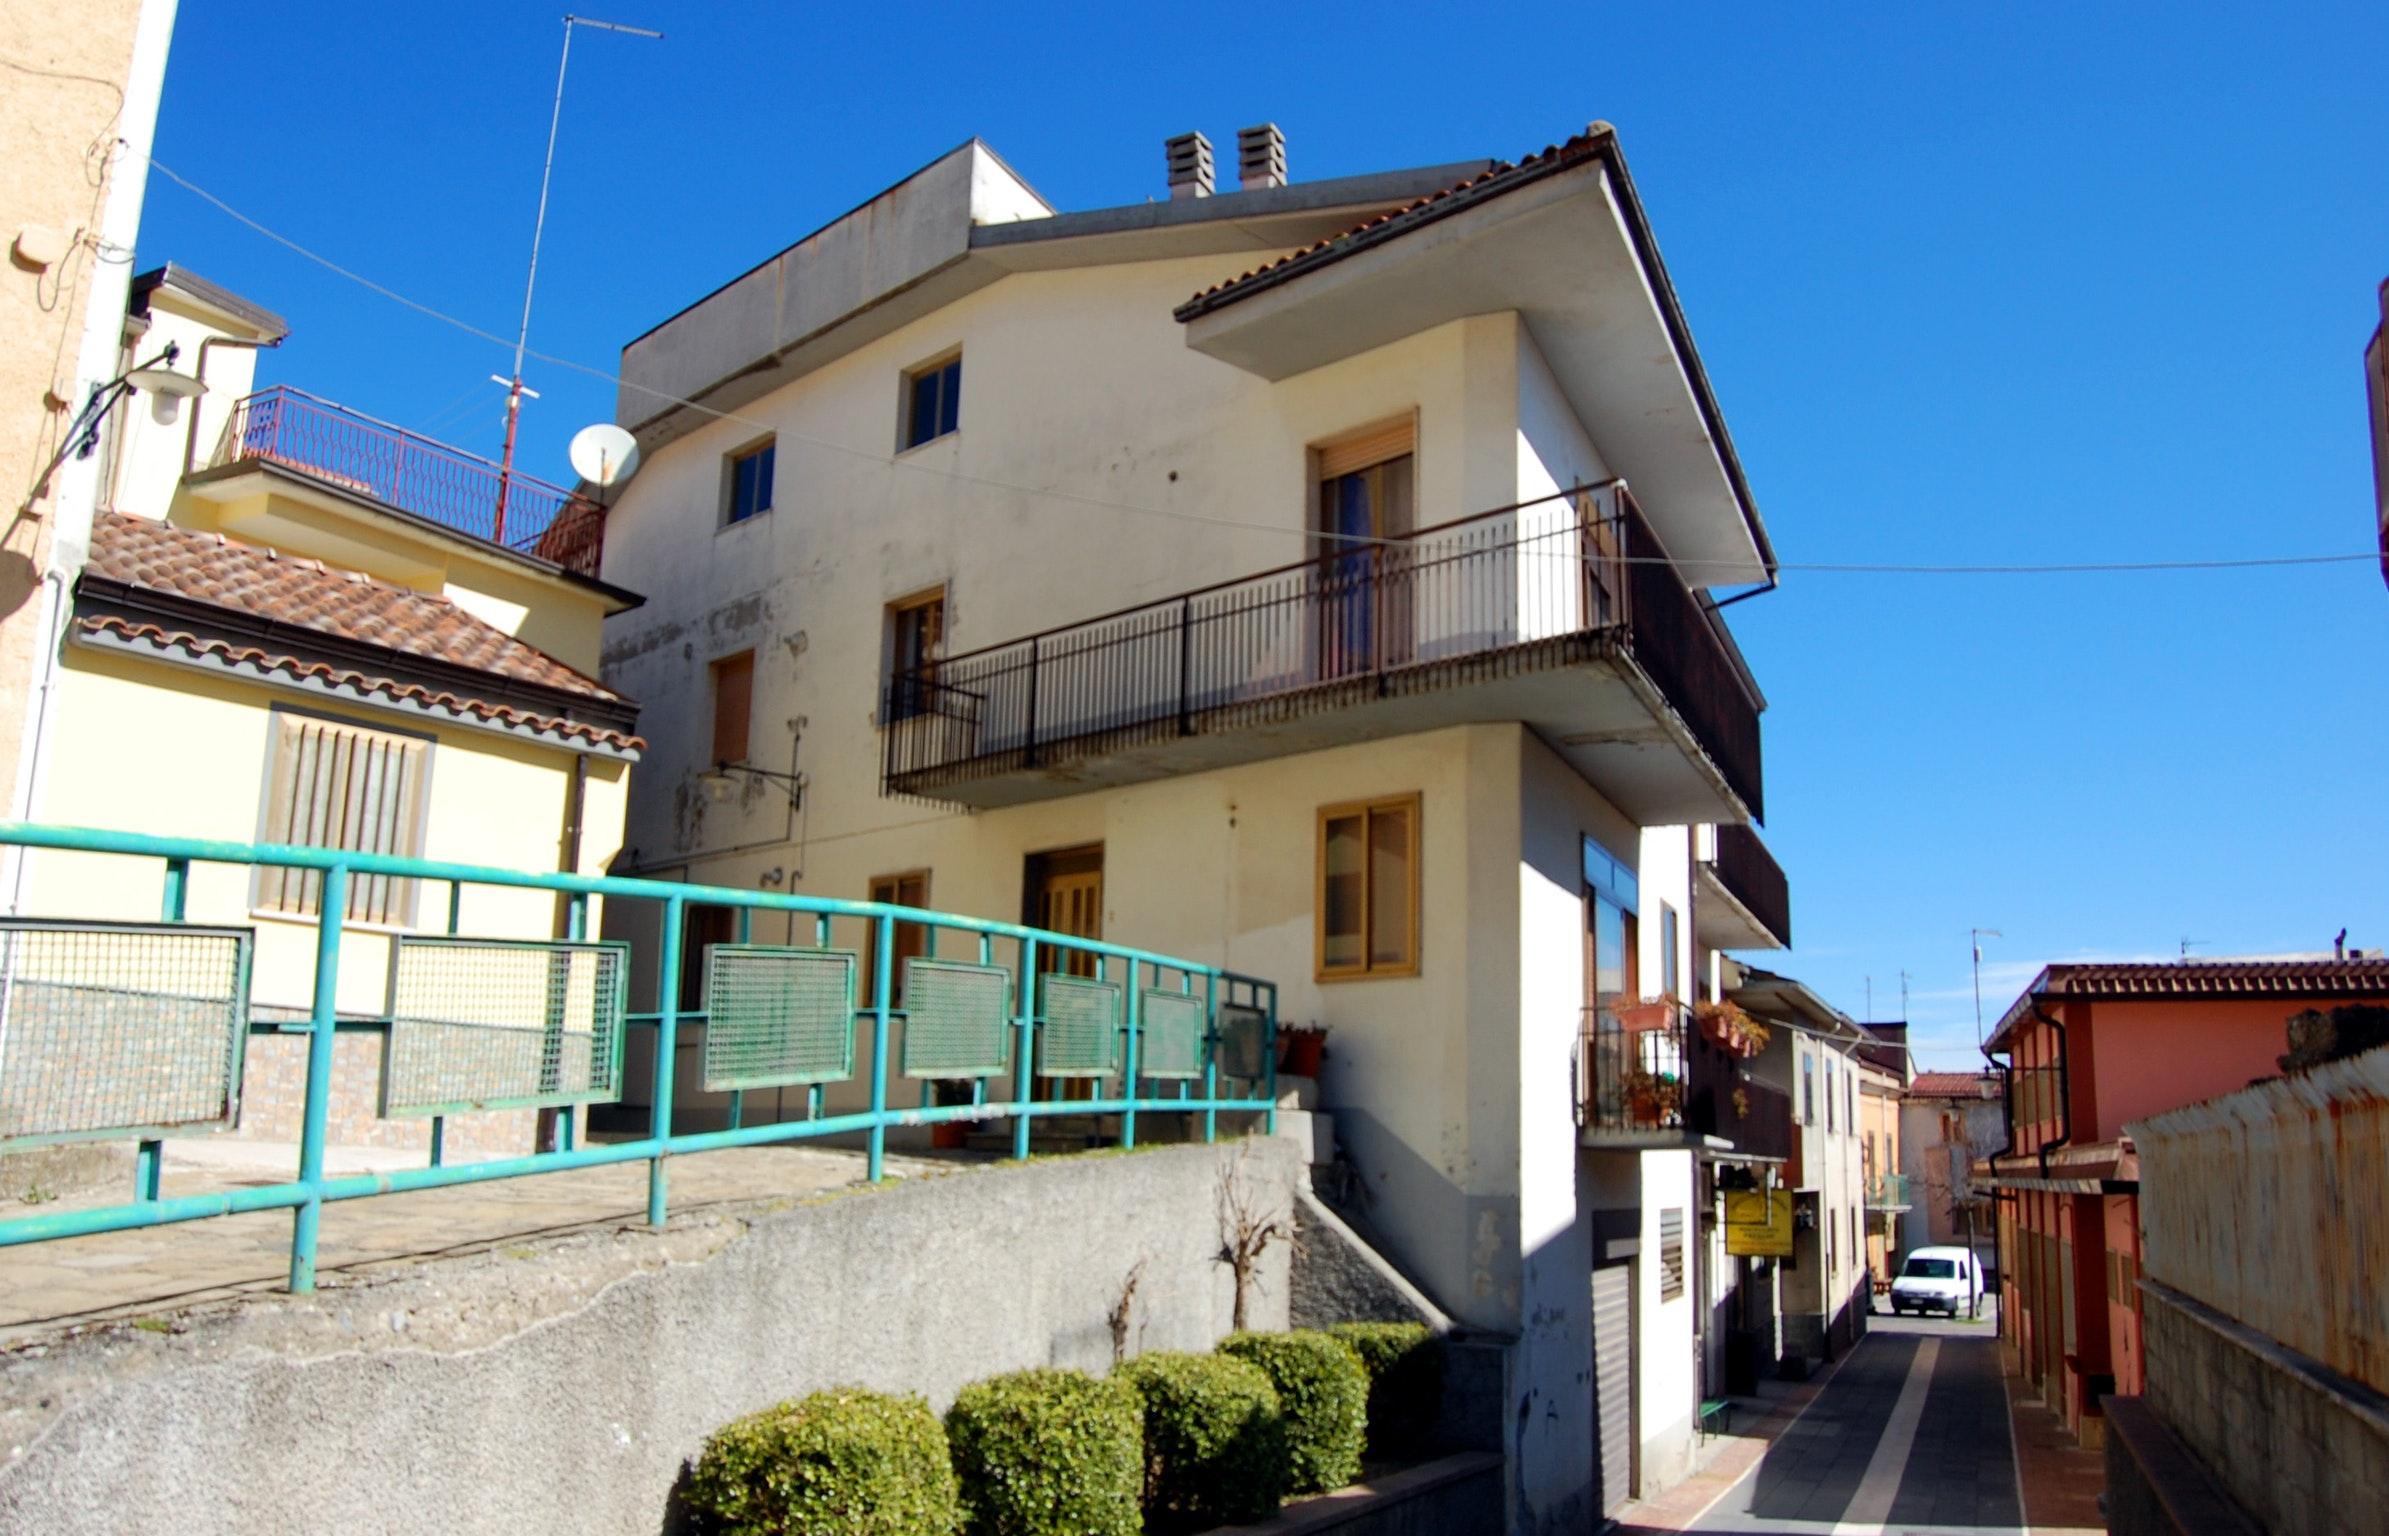 Ferienwohnung Wohnung mit 3 Schlafzimmern in Fardella mit schöner Aussicht auf die Stadt und möbliertem  (2566954), Francavilla sul Sinni, Potenza, Basilikata, Italien, Bild 28